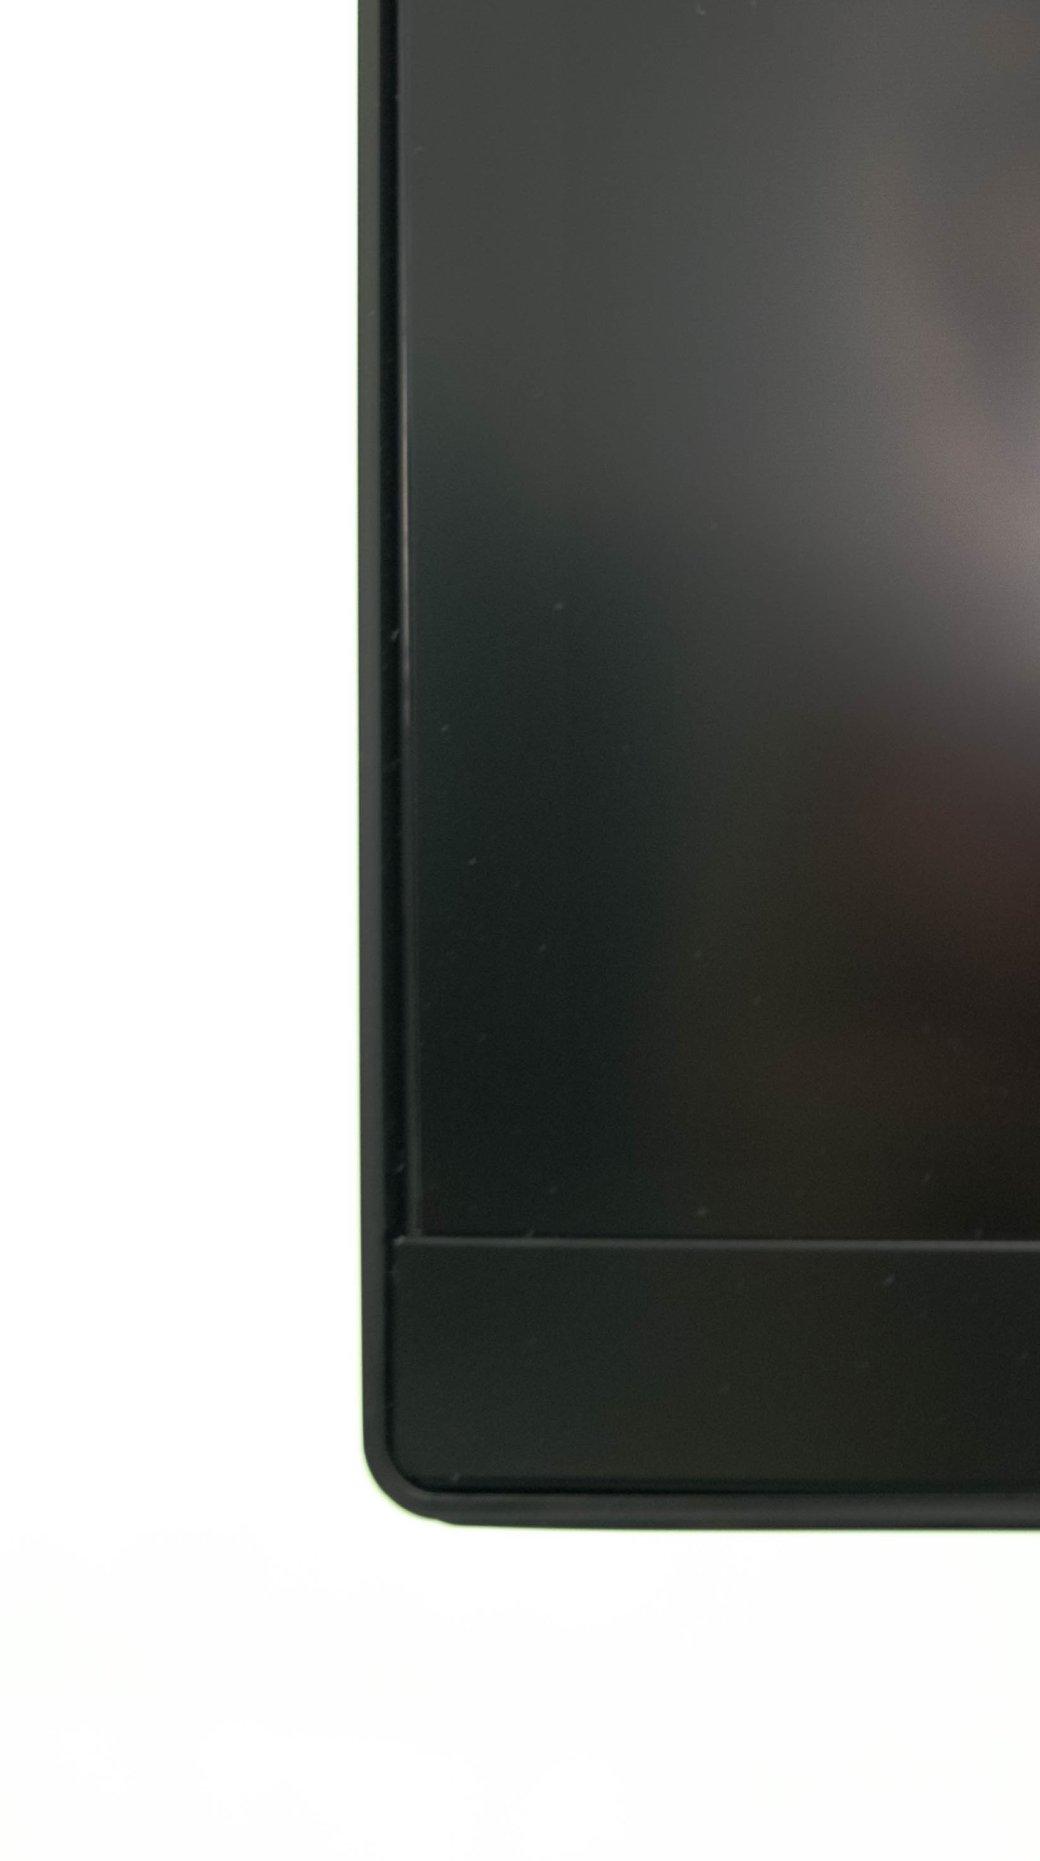 Пора расширять границы: обзор монитора LGCurved Ultrawide. - Изображение 3